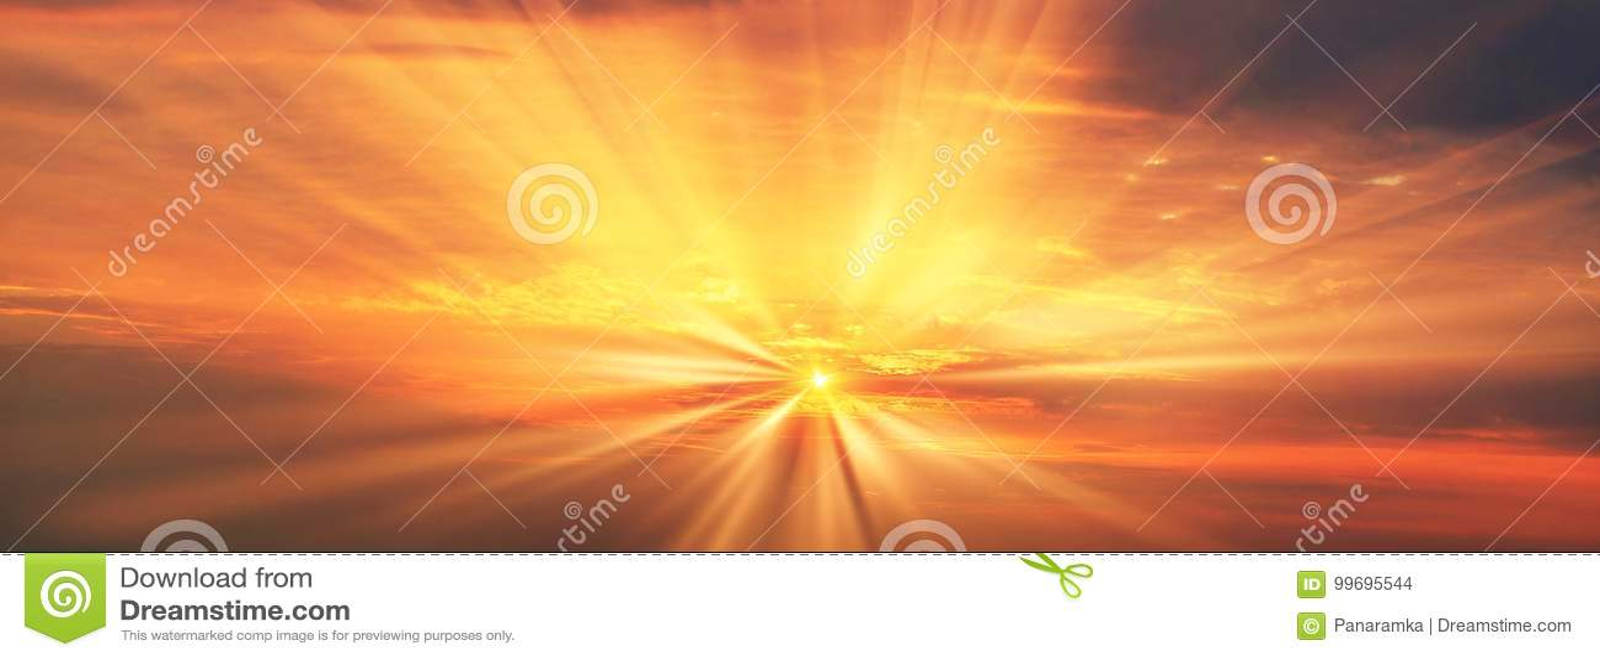 Rayos del amanecer de la salida del sol